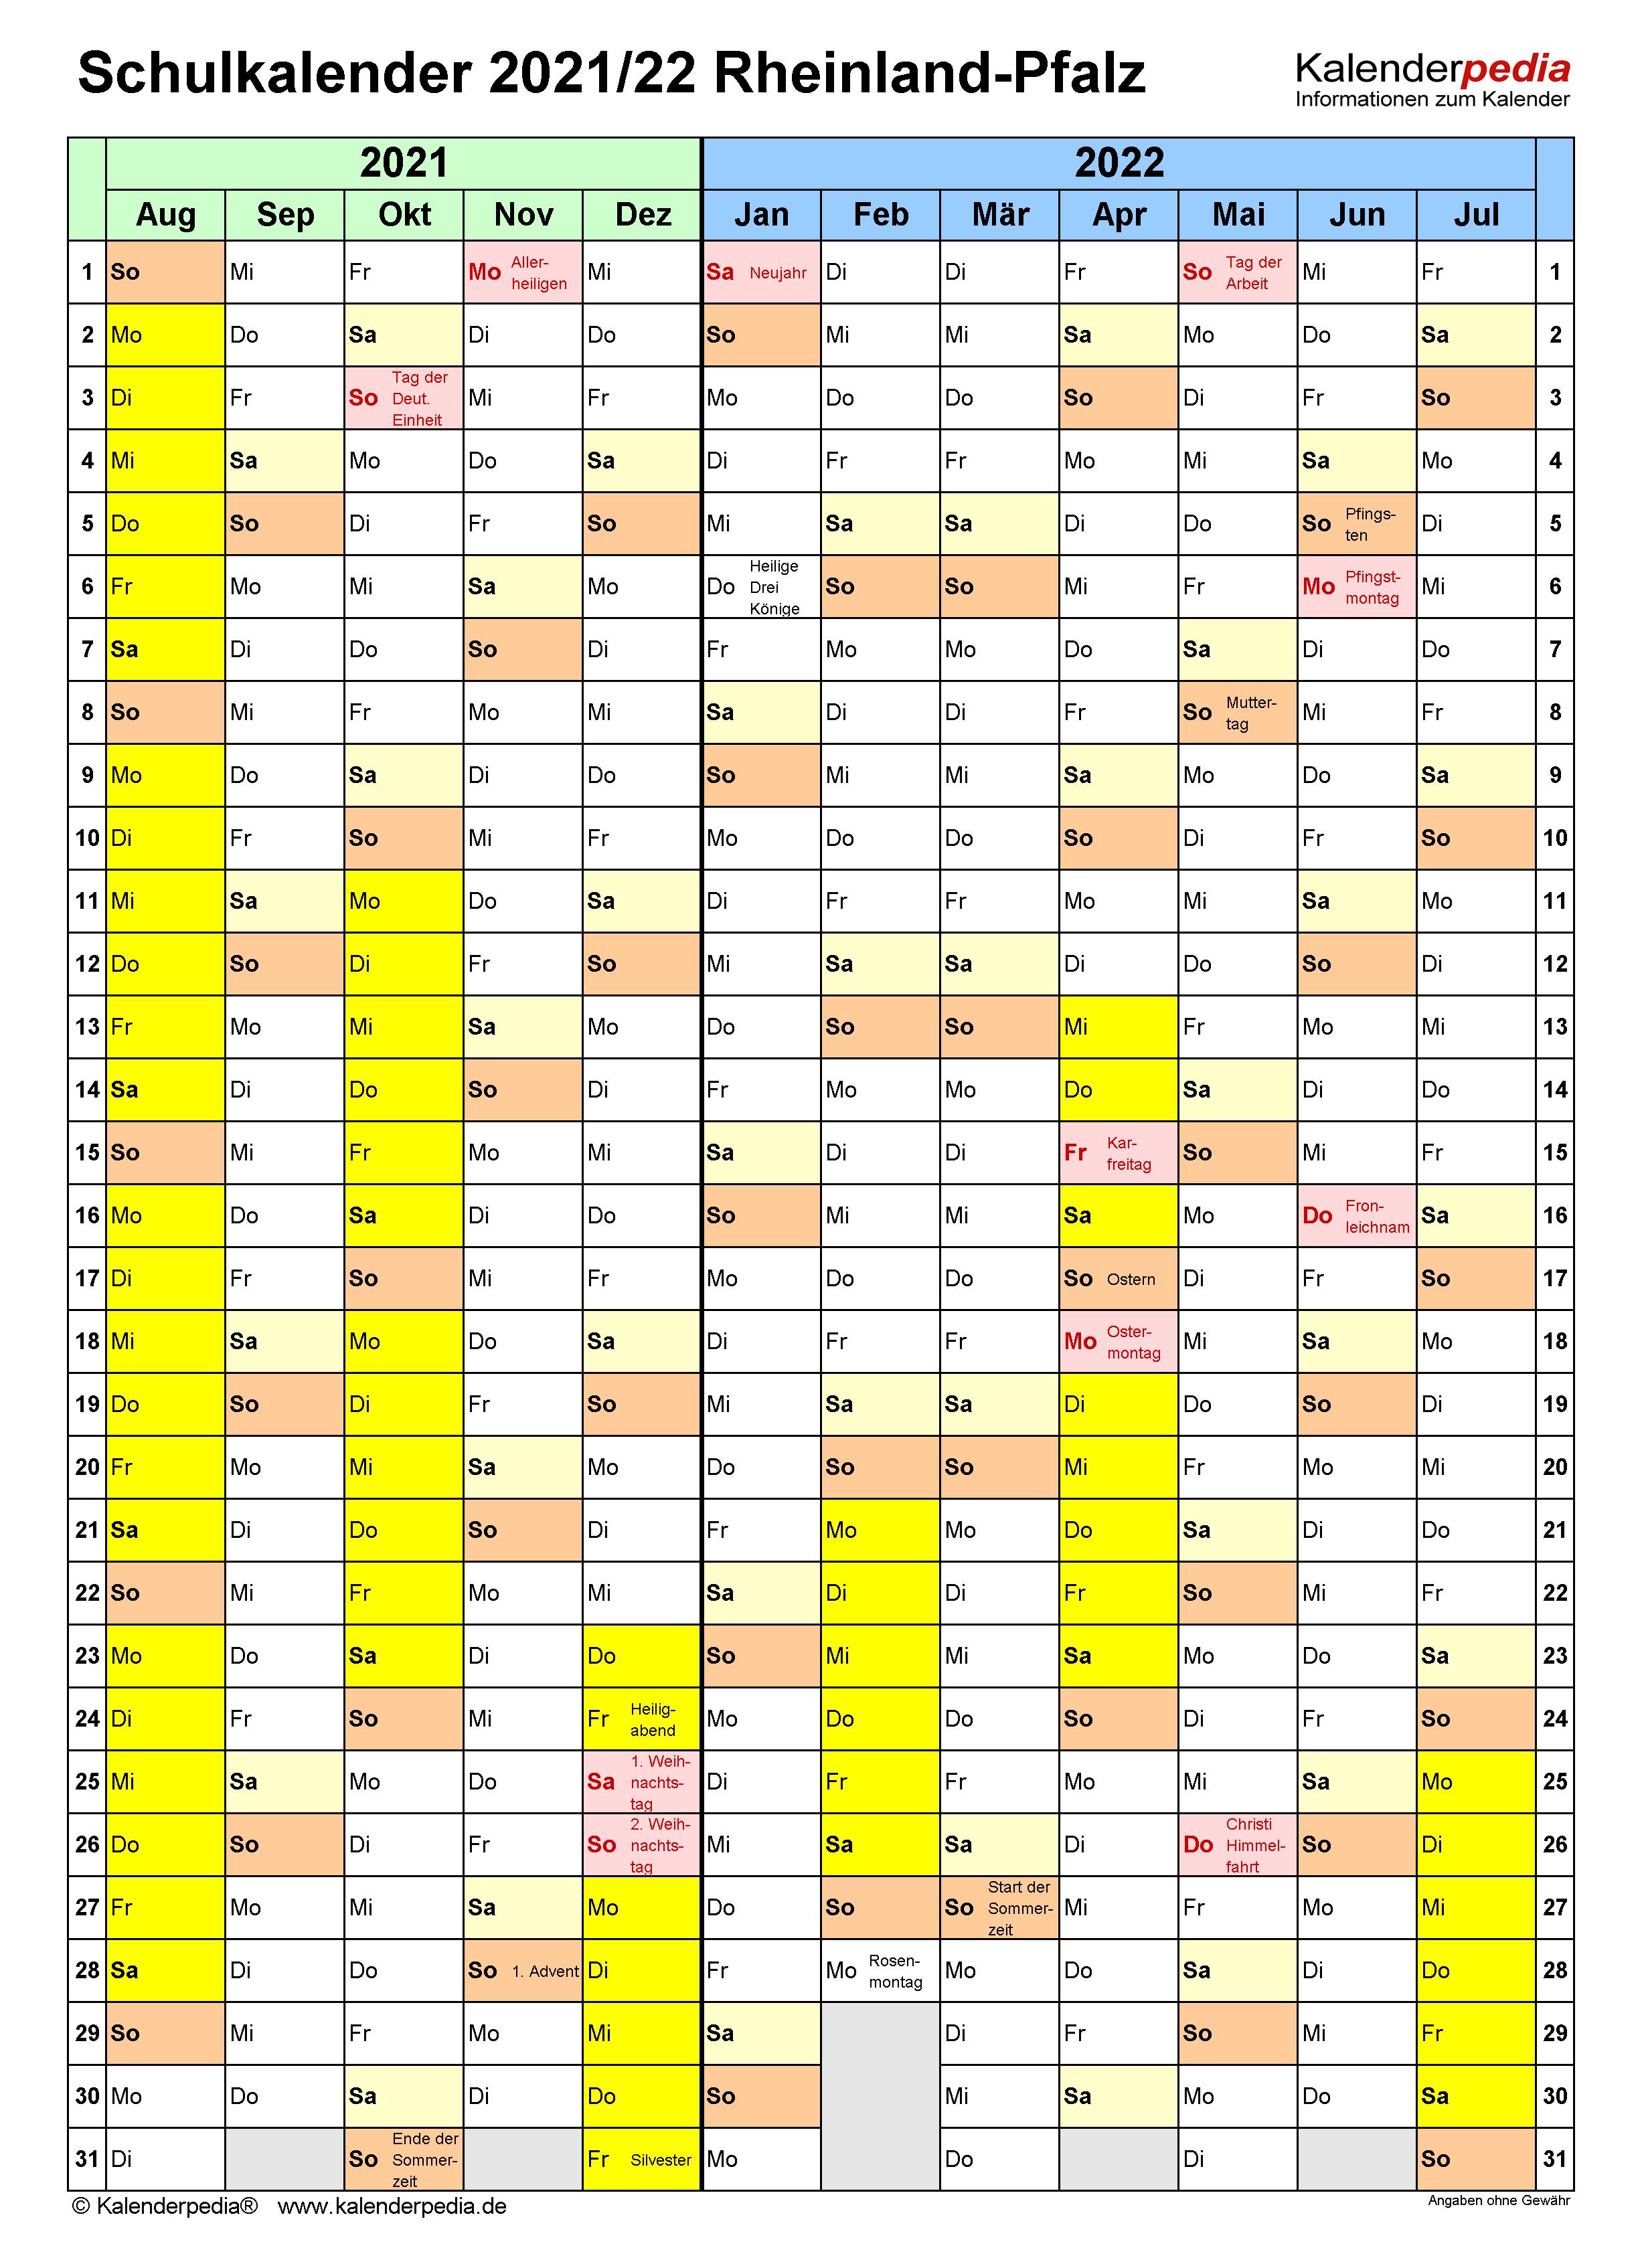 Schulkalender 2021/2022 Rheinland-Pfalz für Word